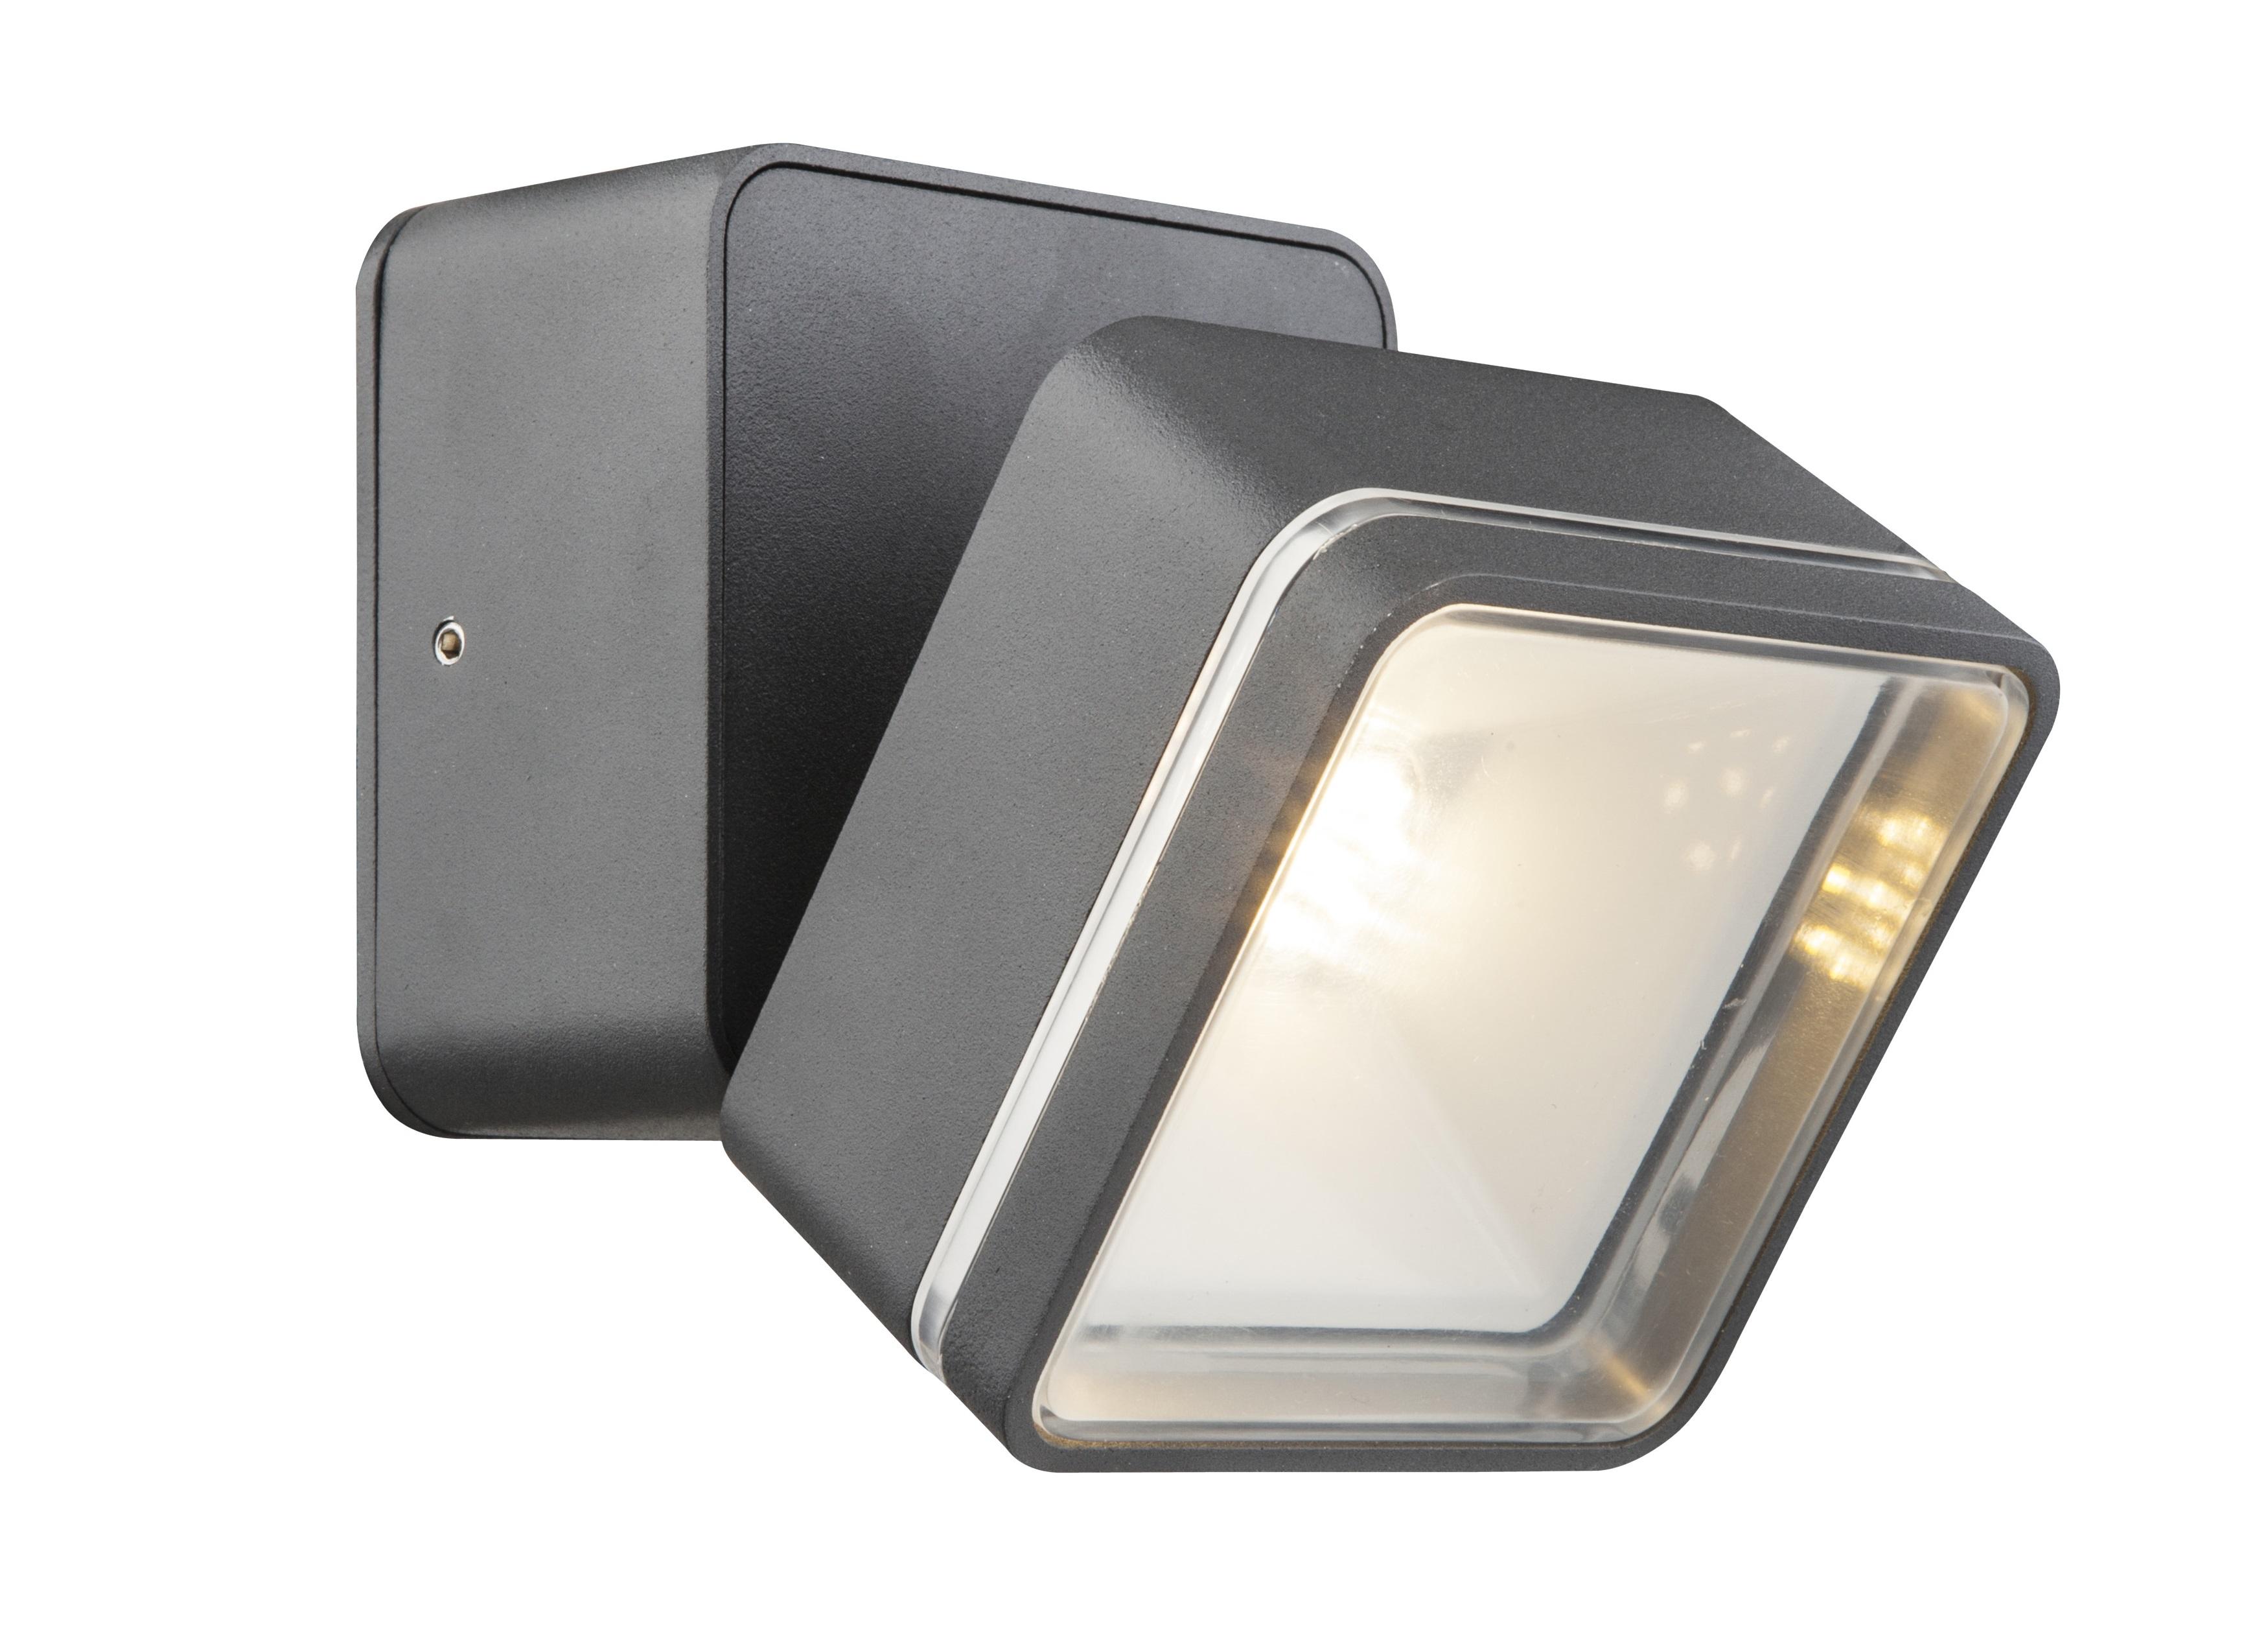 Светильник уличныйУличные настенные светильники<br>&amp;lt;div&amp;gt;Тип цоколя: LED&amp;lt;/div&amp;gt;&amp;lt;div&amp;gt;Мощность: 6W&amp;lt;/div&amp;gt;&amp;lt;div&amp;gt;Кол-во ламп: 1 (в комплекте)&amp;lt;/div&amp;gt;&amp;lt;div&amp;gt;&amp;lt;br&amp;gt;&amp;lt;/div&amp;gt;<br><br>Material: Металл<br>Ширина см: 9<br>Высота см: 9<br>Глубина см: 14